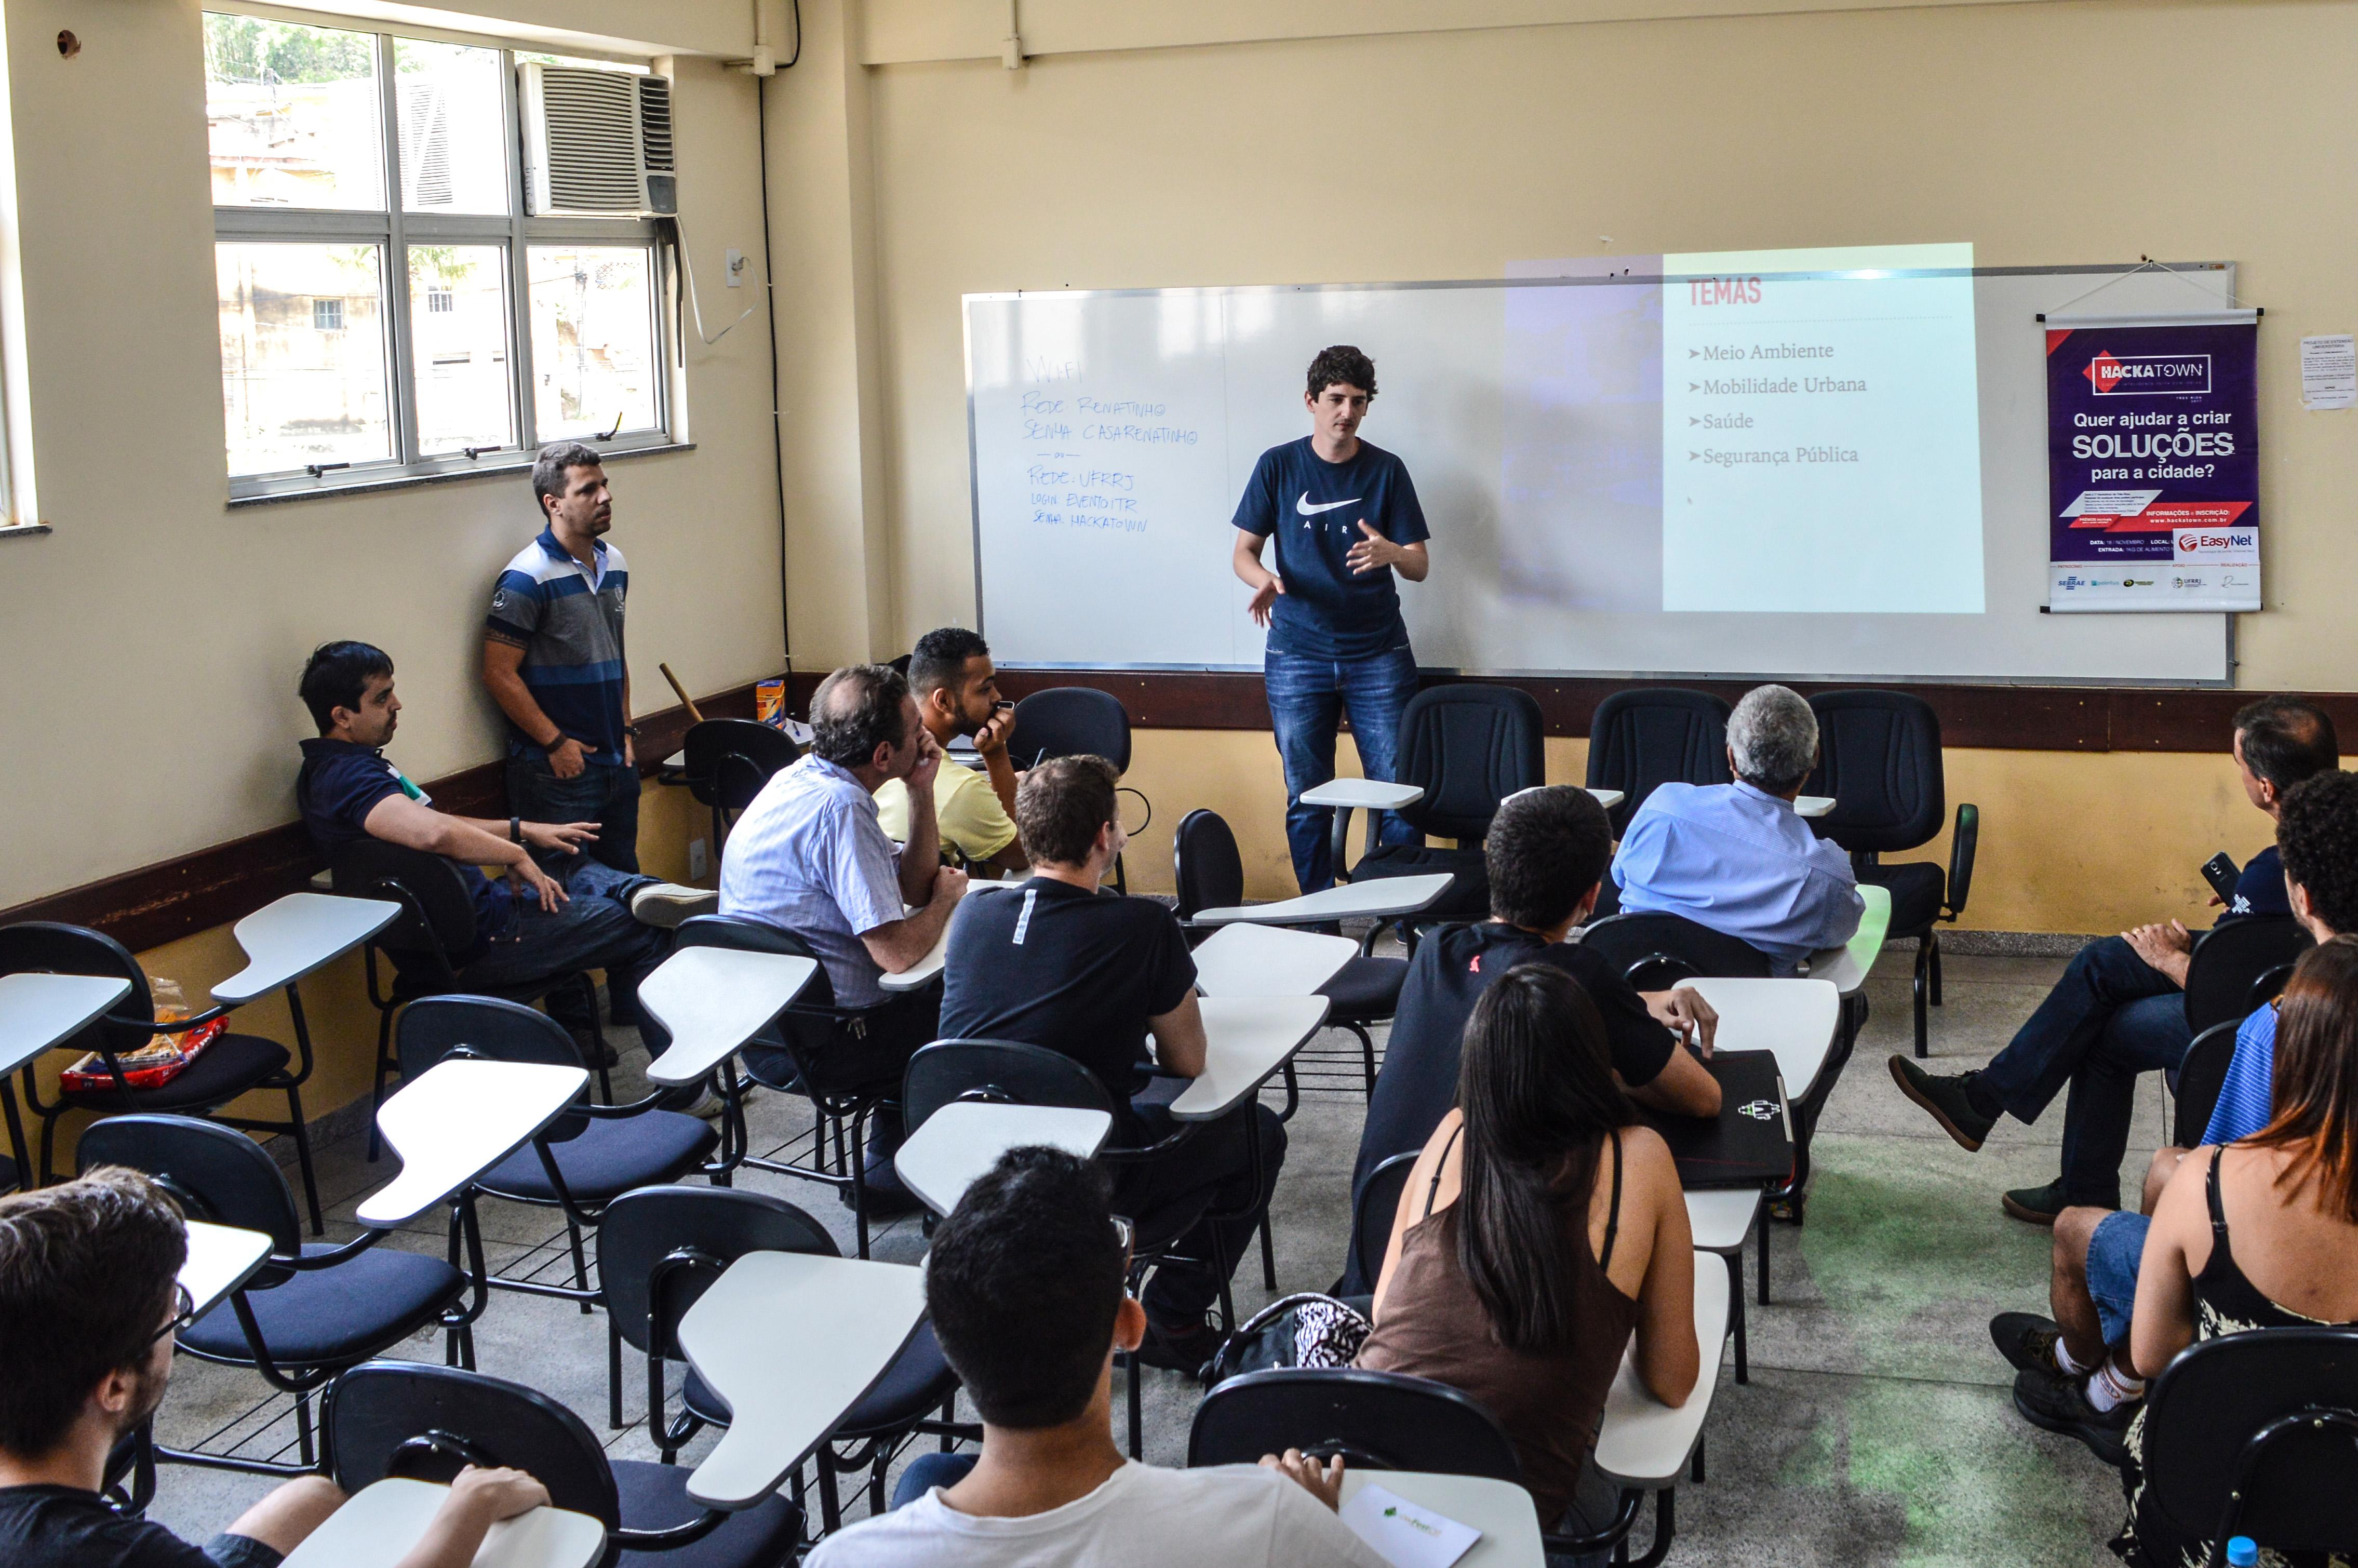 HackaTown Três Rios - Hackathon